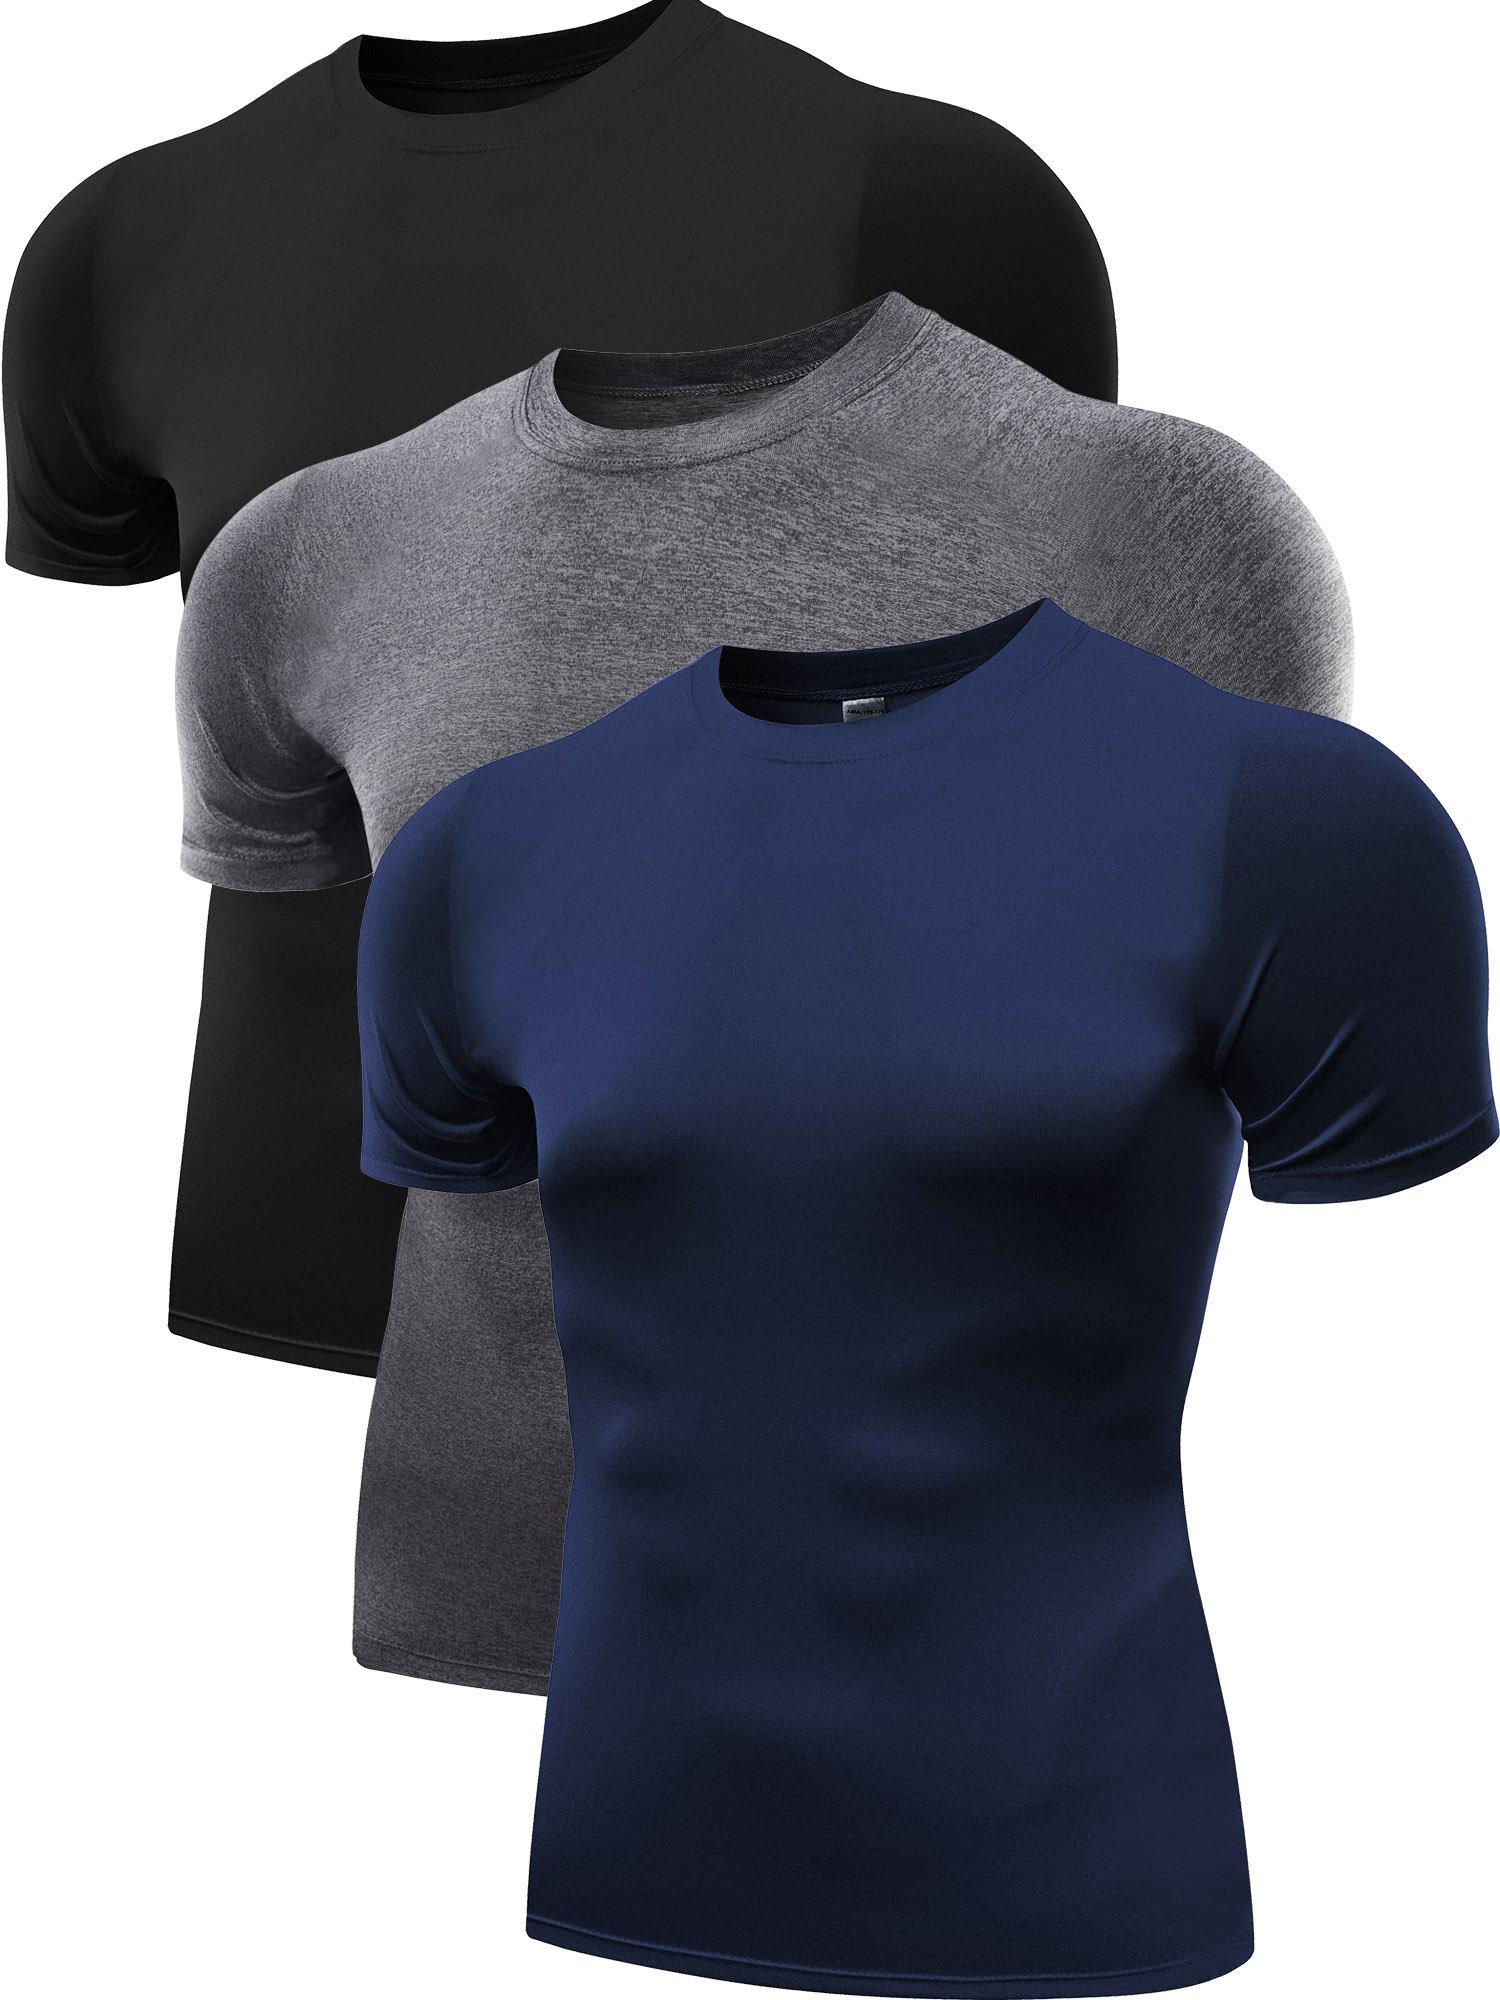 Neleus Men's 3 Pack Cool Dry Compression Baselayer Athletic T Shirts,5011,Navy Blue,Grey,Black,M,EUR L by Neleus